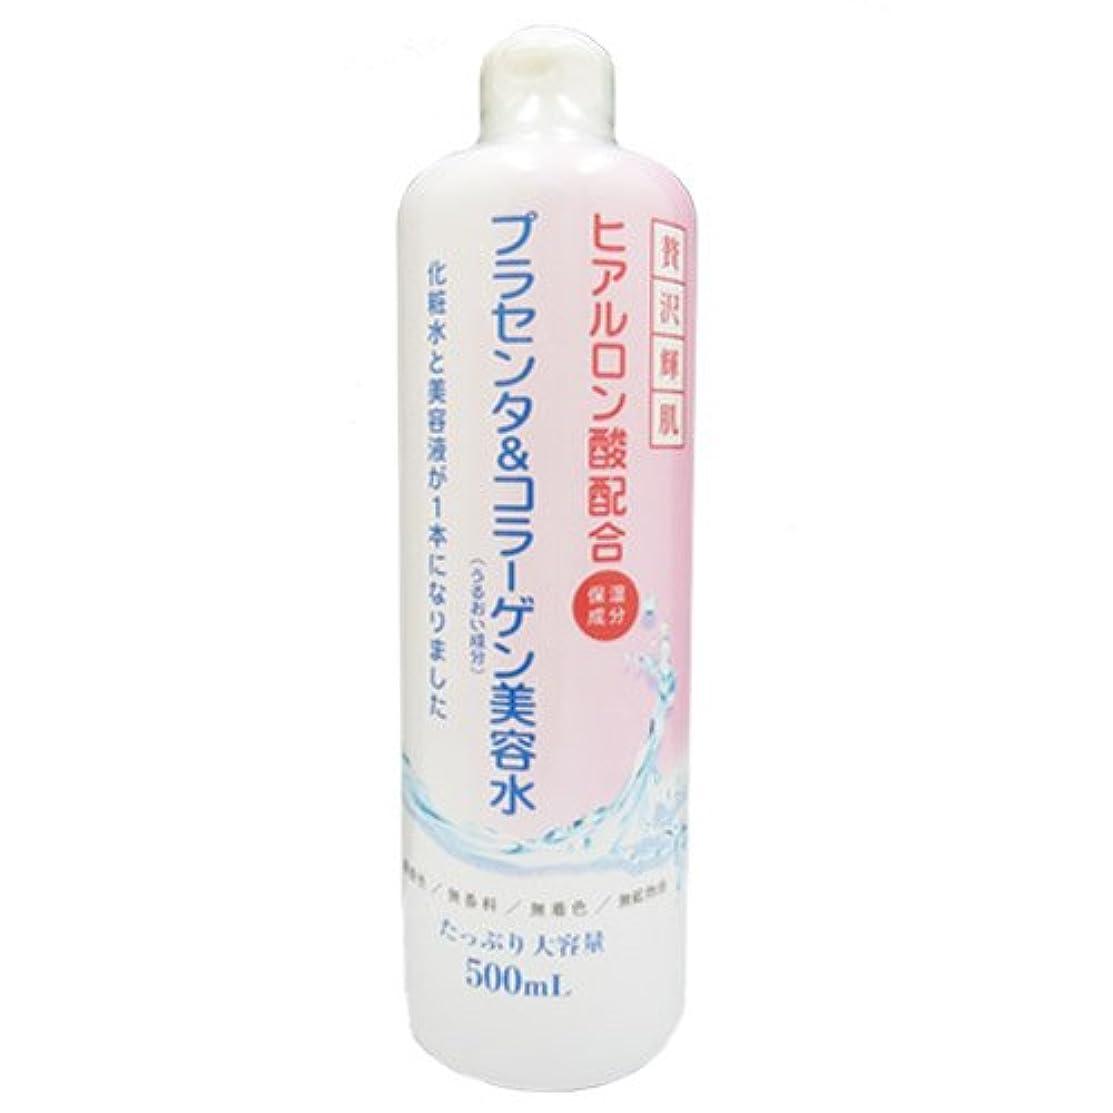 連鎖日焼け分類する贅沢輝肌プラセンタ&コラーゲン500ml